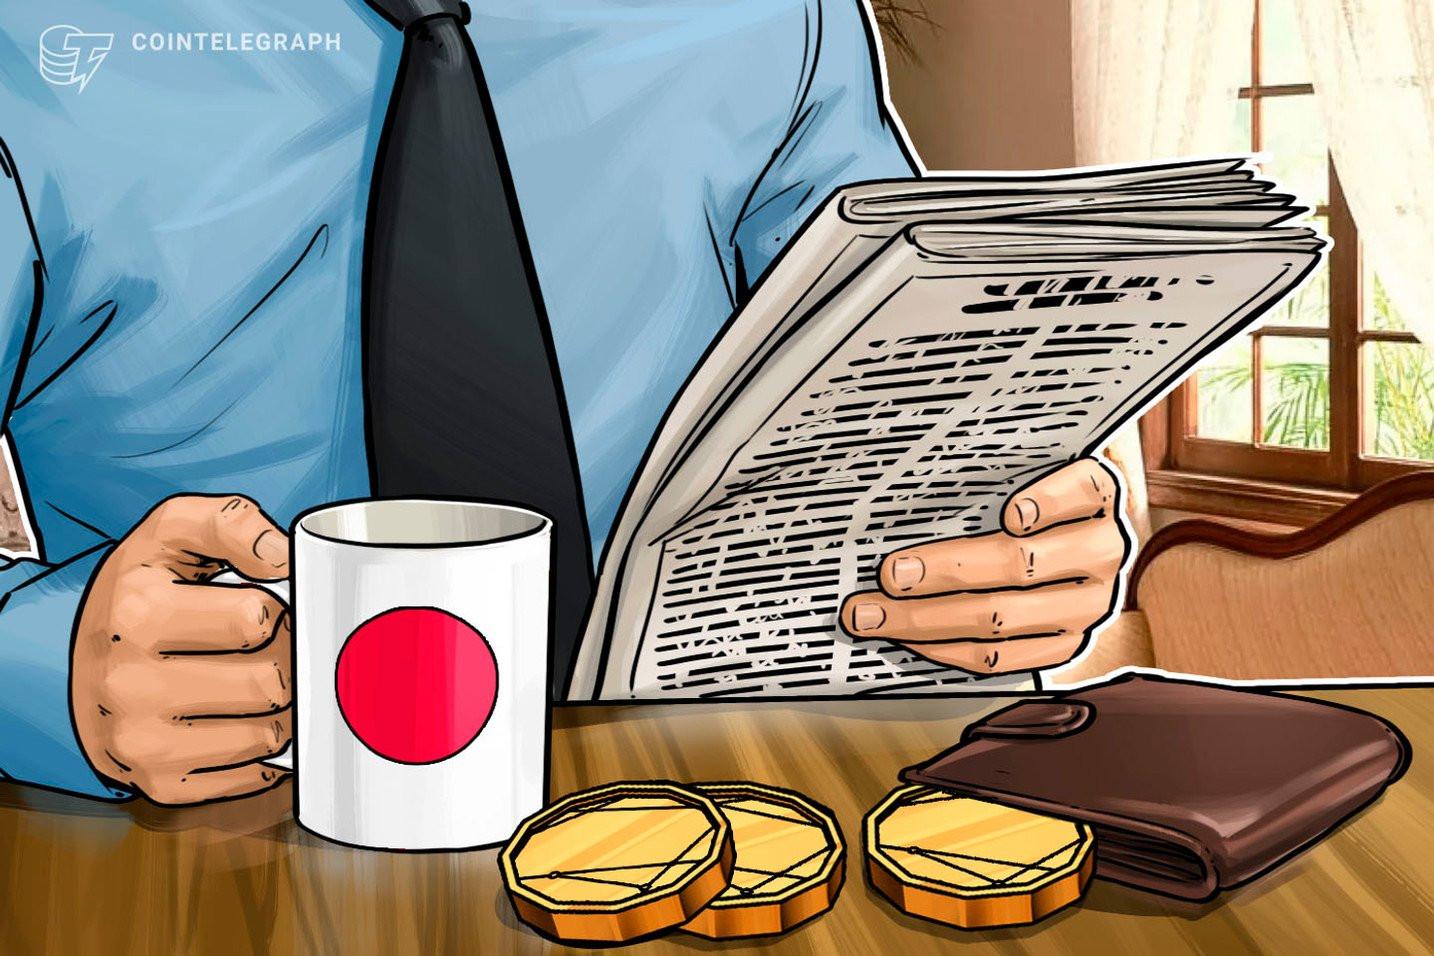 ゾゾ前澤氏が新決済事業、仮想通貨取引所ディーカレットの白石CTOが参画か